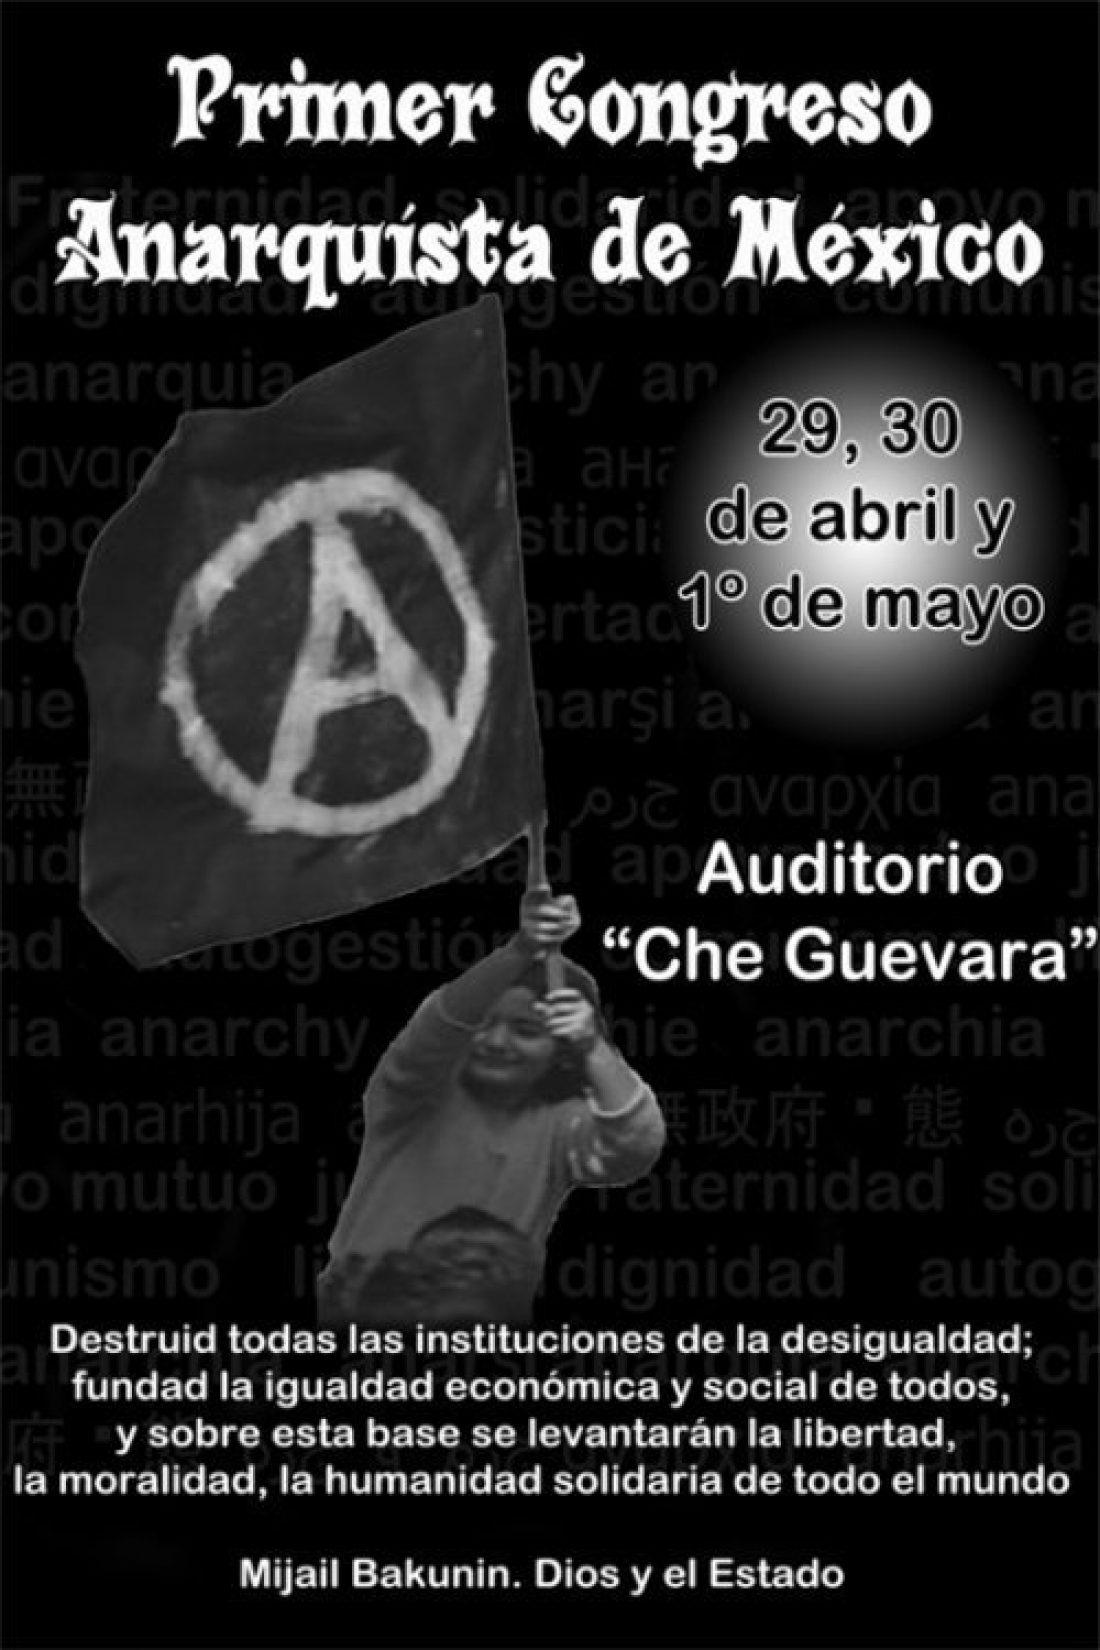 Saluda de la CGT al I Congreso Anarquista de México